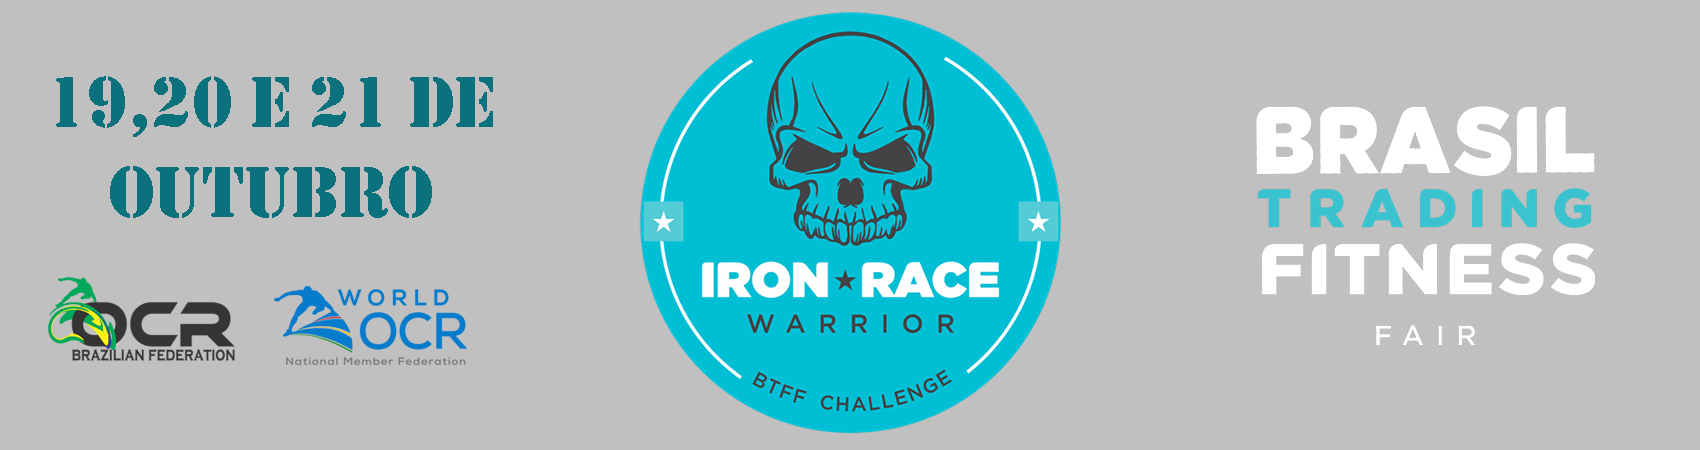 IRON RACE WARRIOR - BTFF CHALLENGE